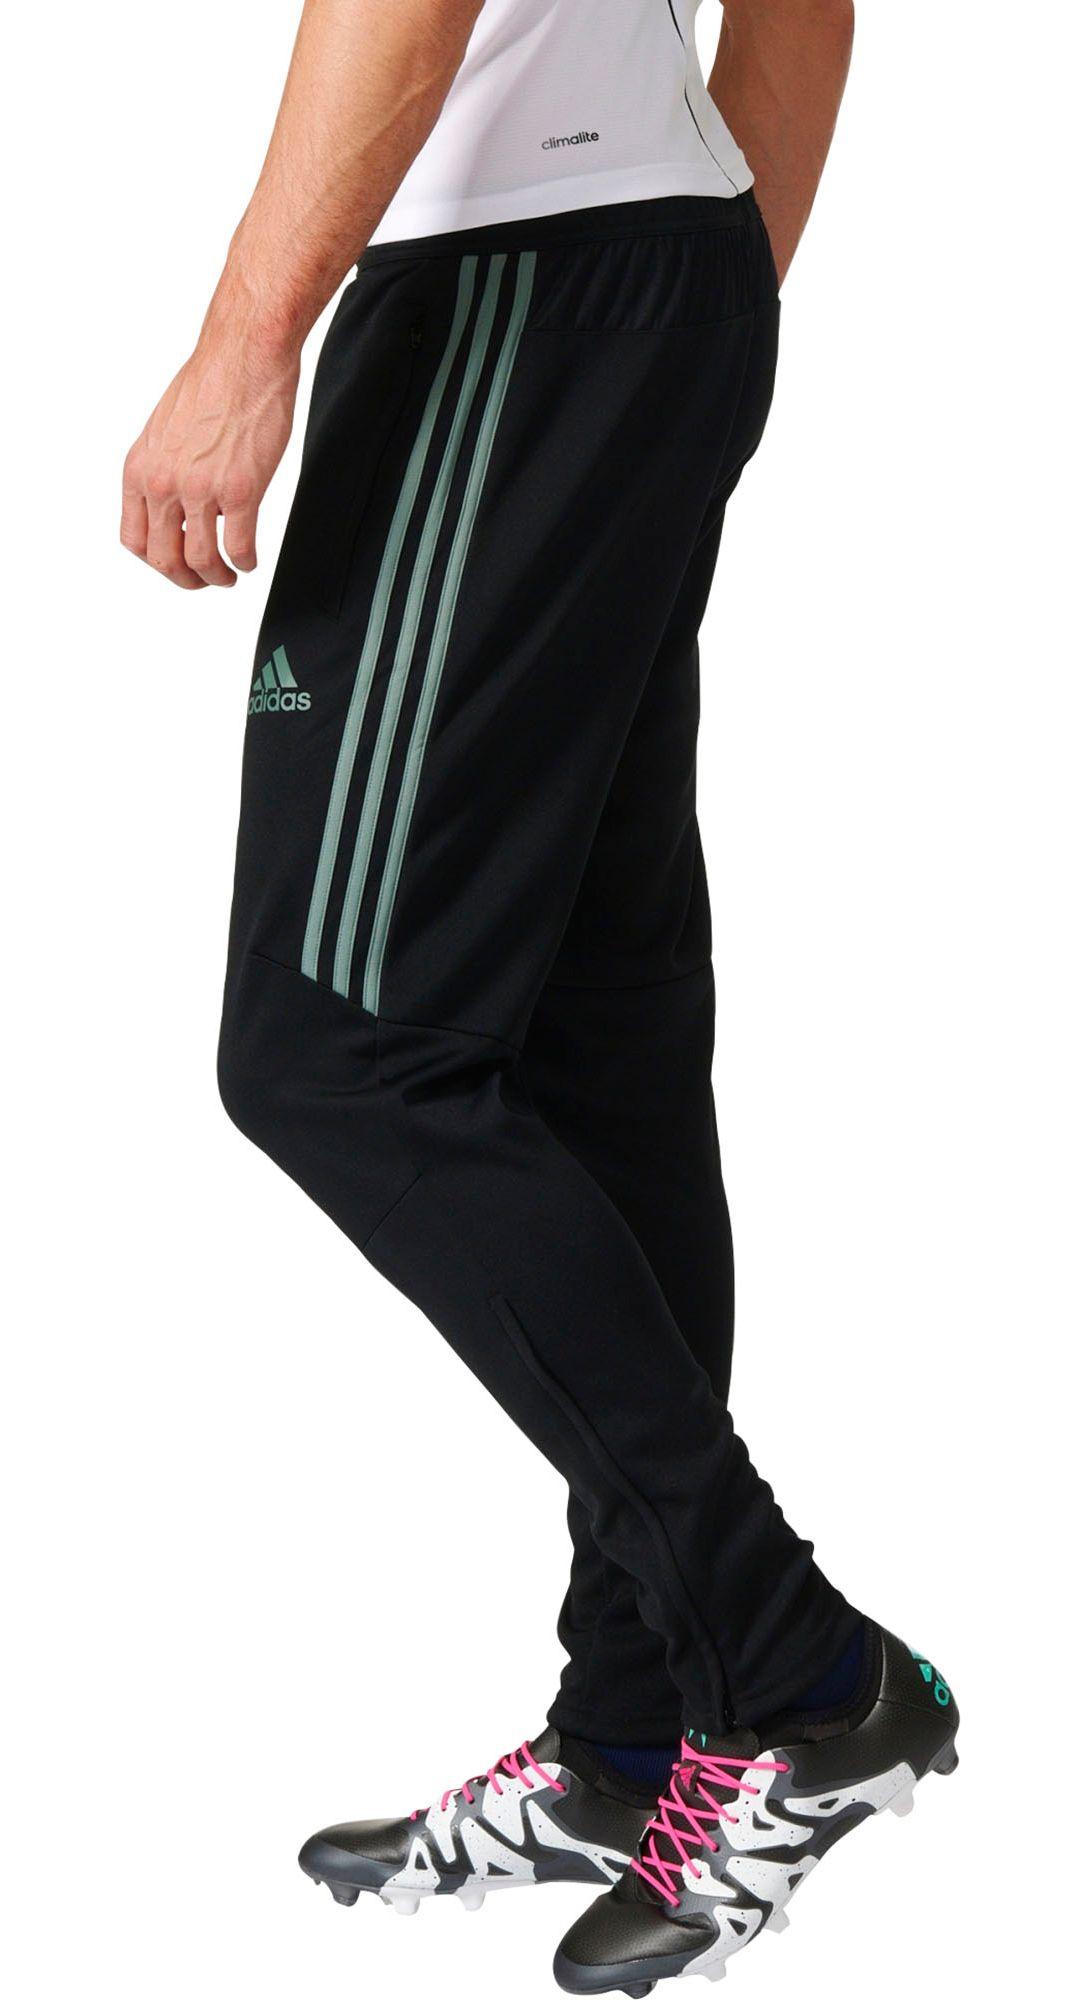 3e02c06fddab adidas Men's Tiro 17 Soccer Pants | DICK'S Sporting Goods